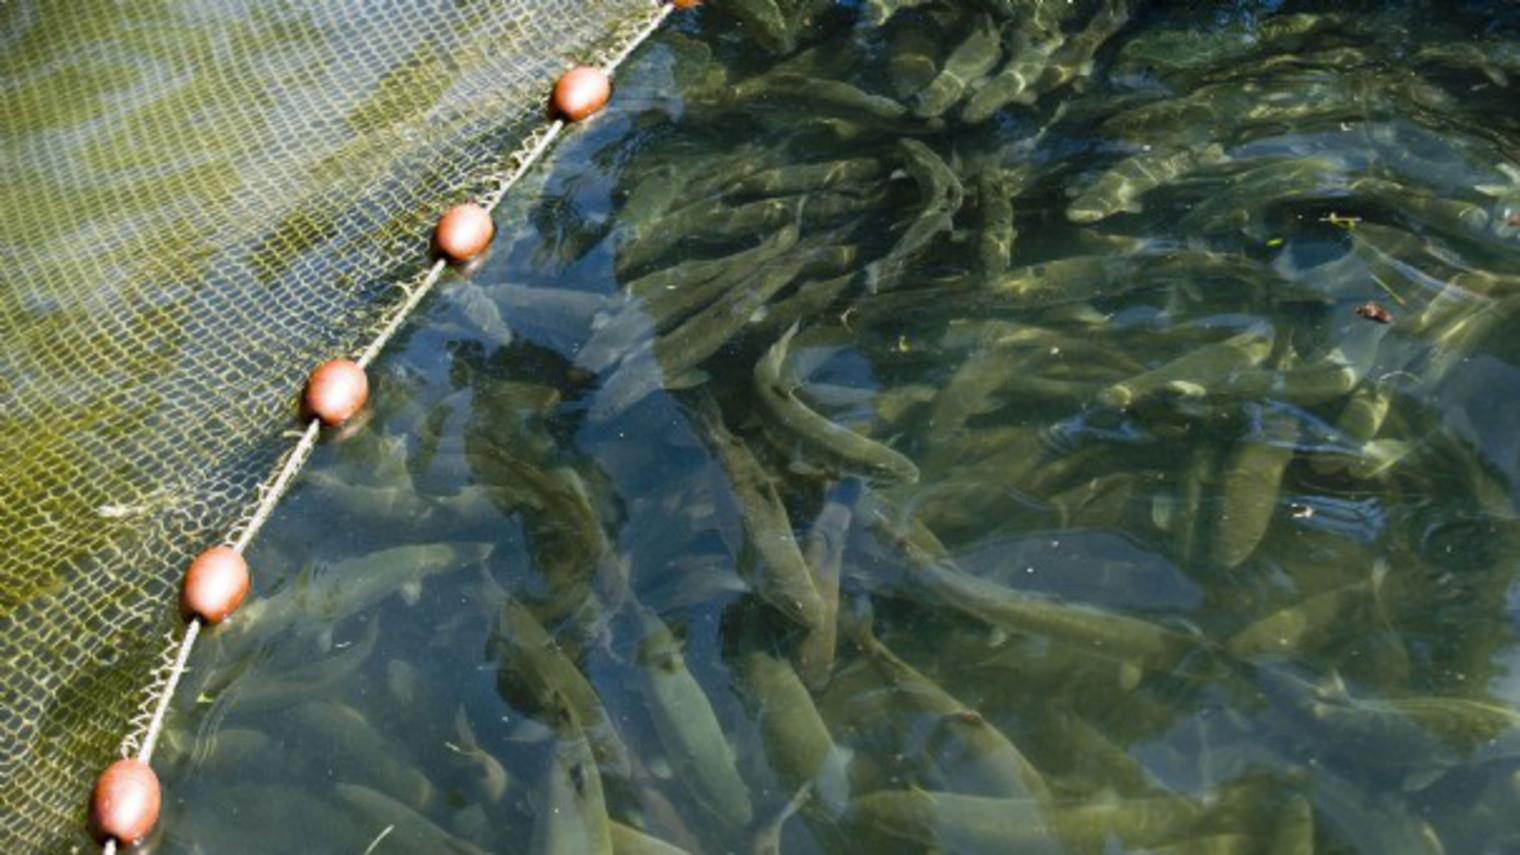 بررسی مقاومت آنتیبیوتیکی و اهمیت آن در آبزیان